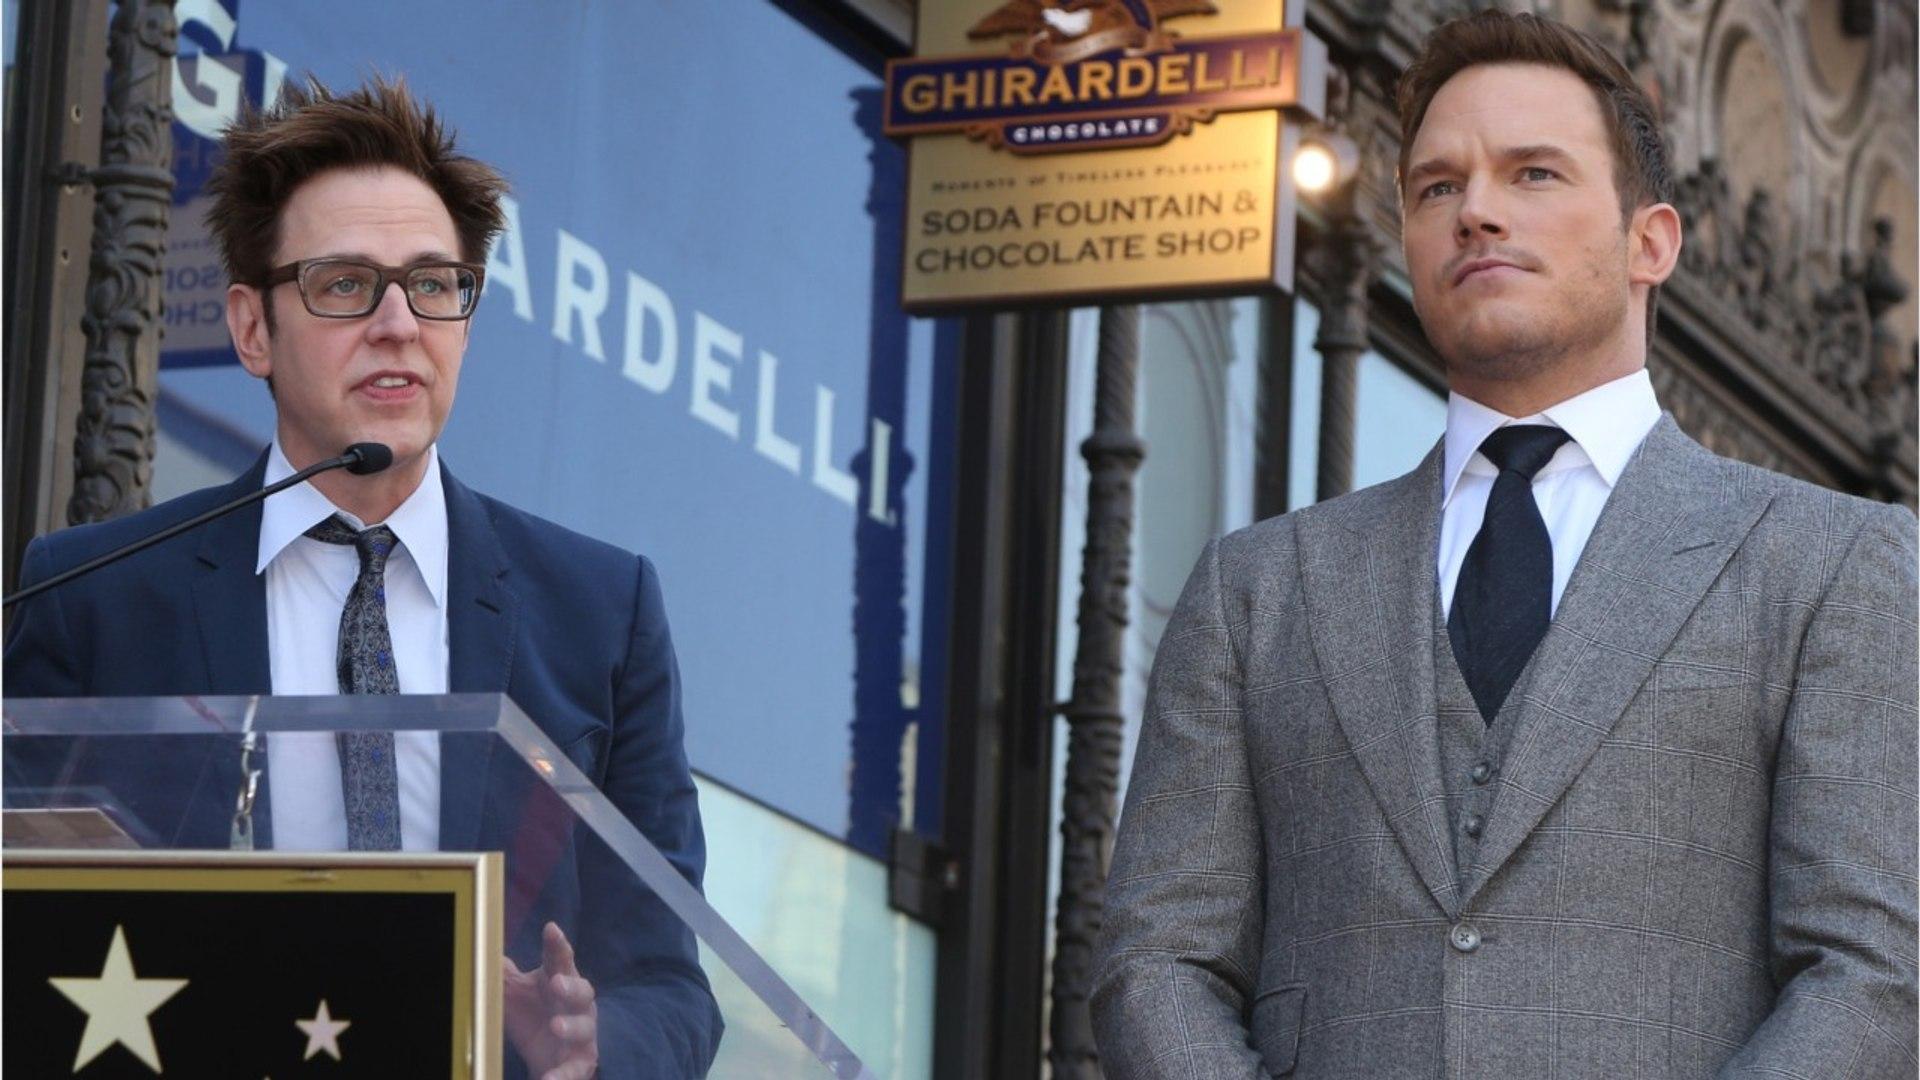 Chris Pratt Goes Biblical For Gunn